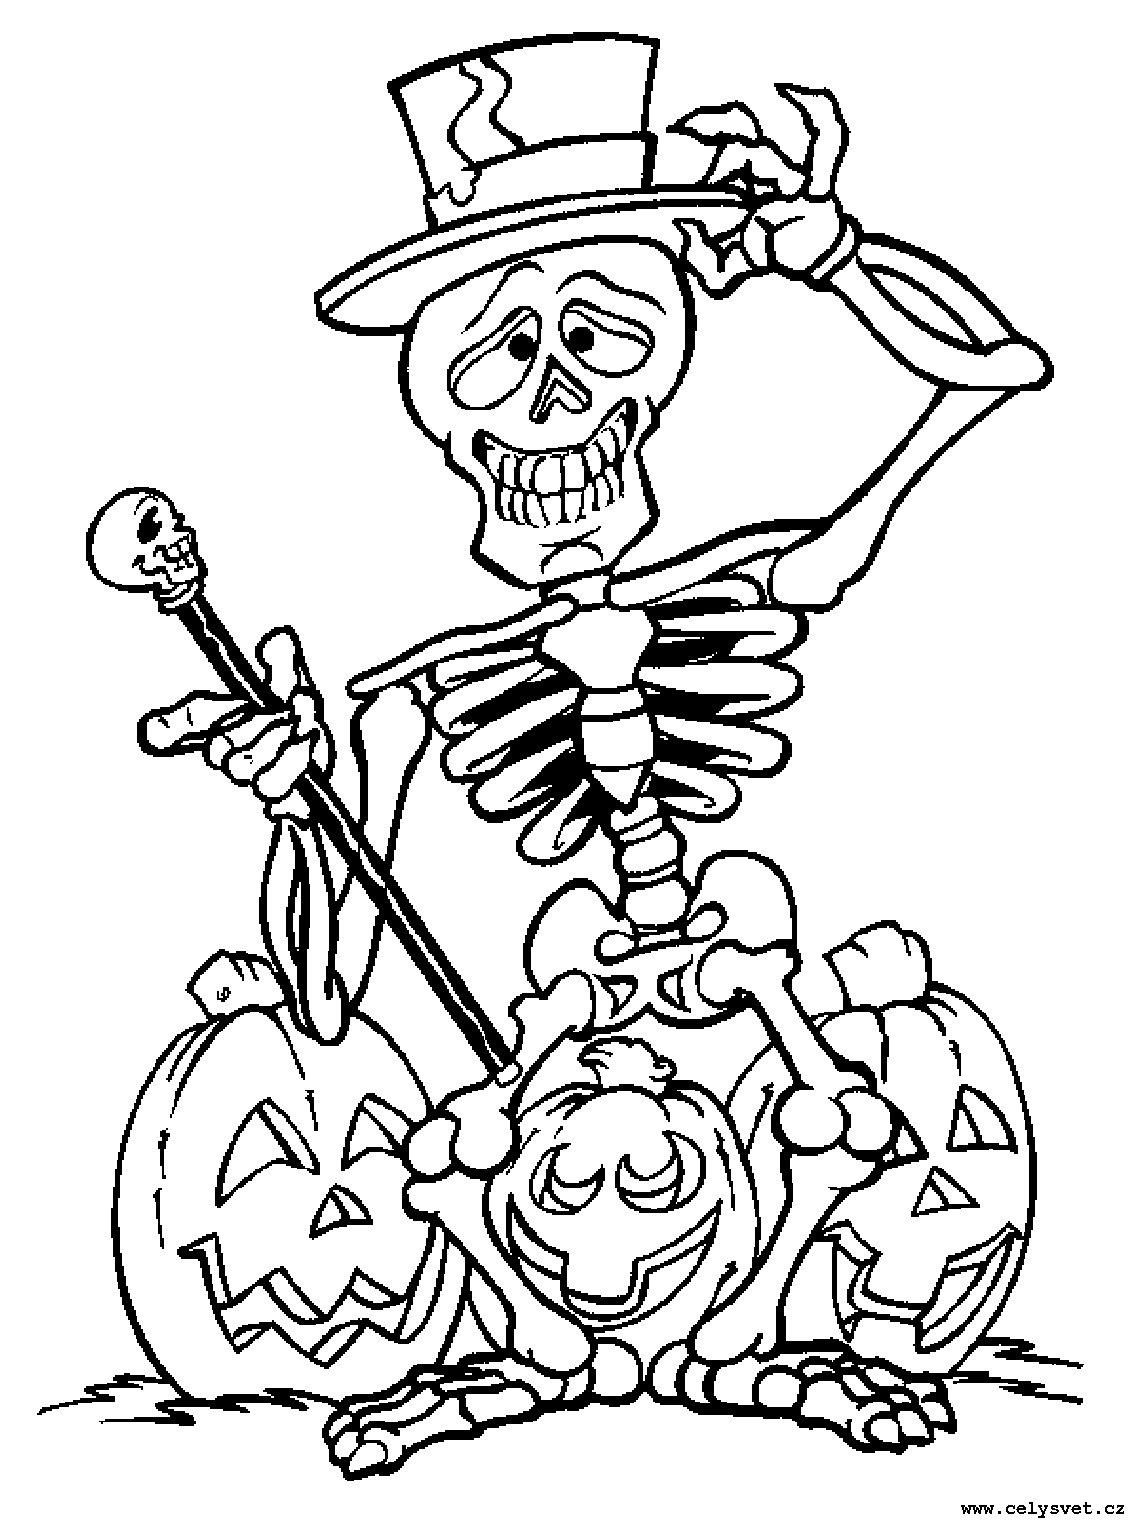 Раскраски на хэллоуин - 9